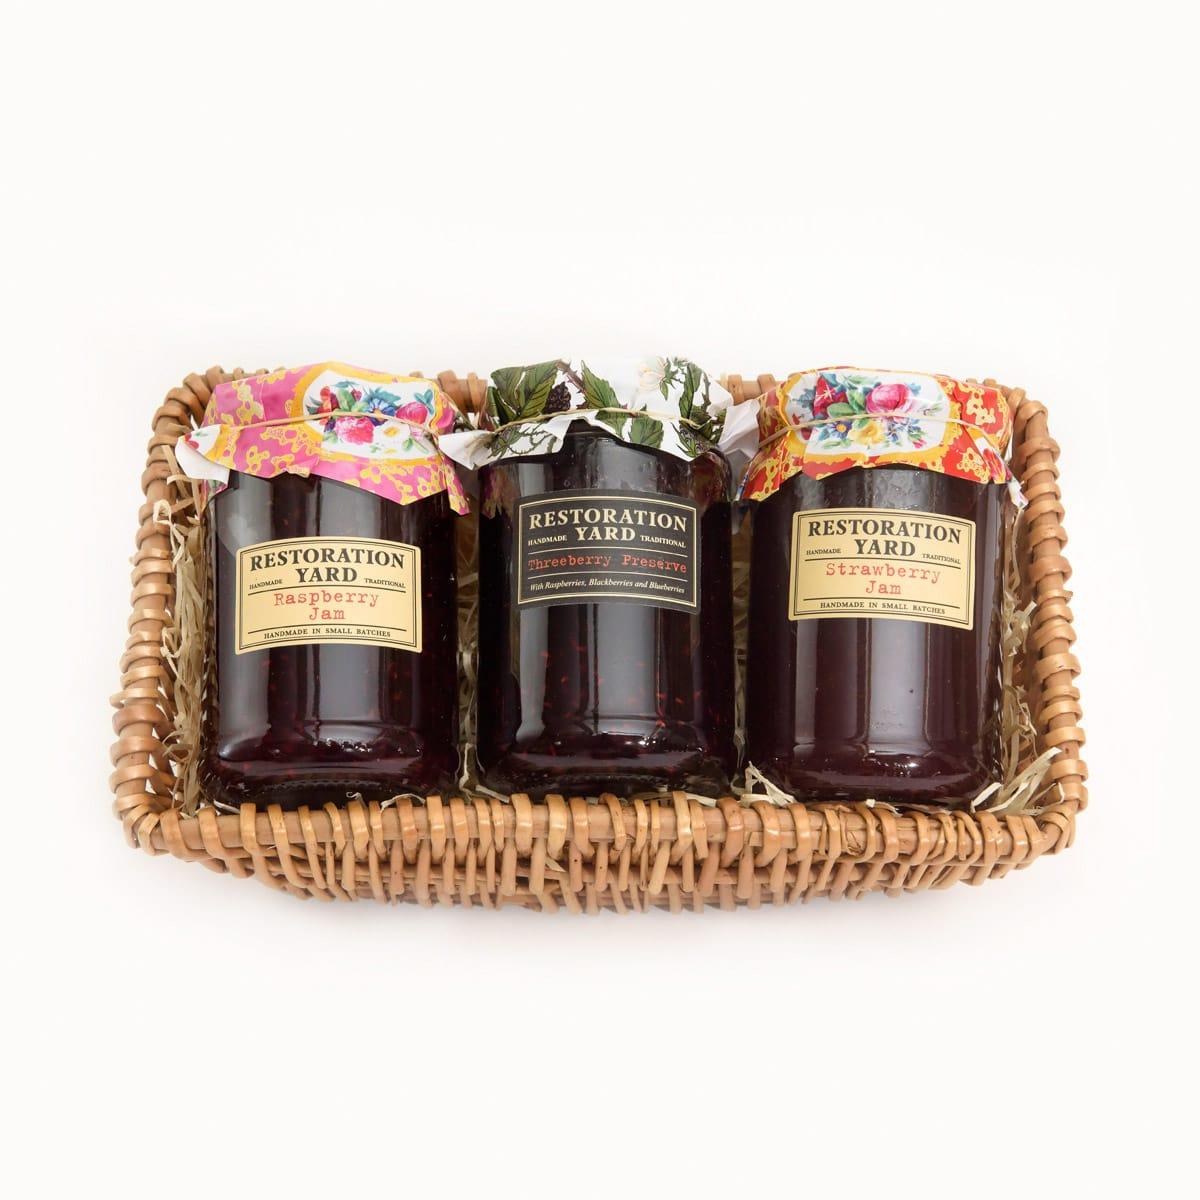 Trio Hampers Raspberry Jam Threeberry Jam Strawberry Jam by Restoration Yard | Restoration Yard